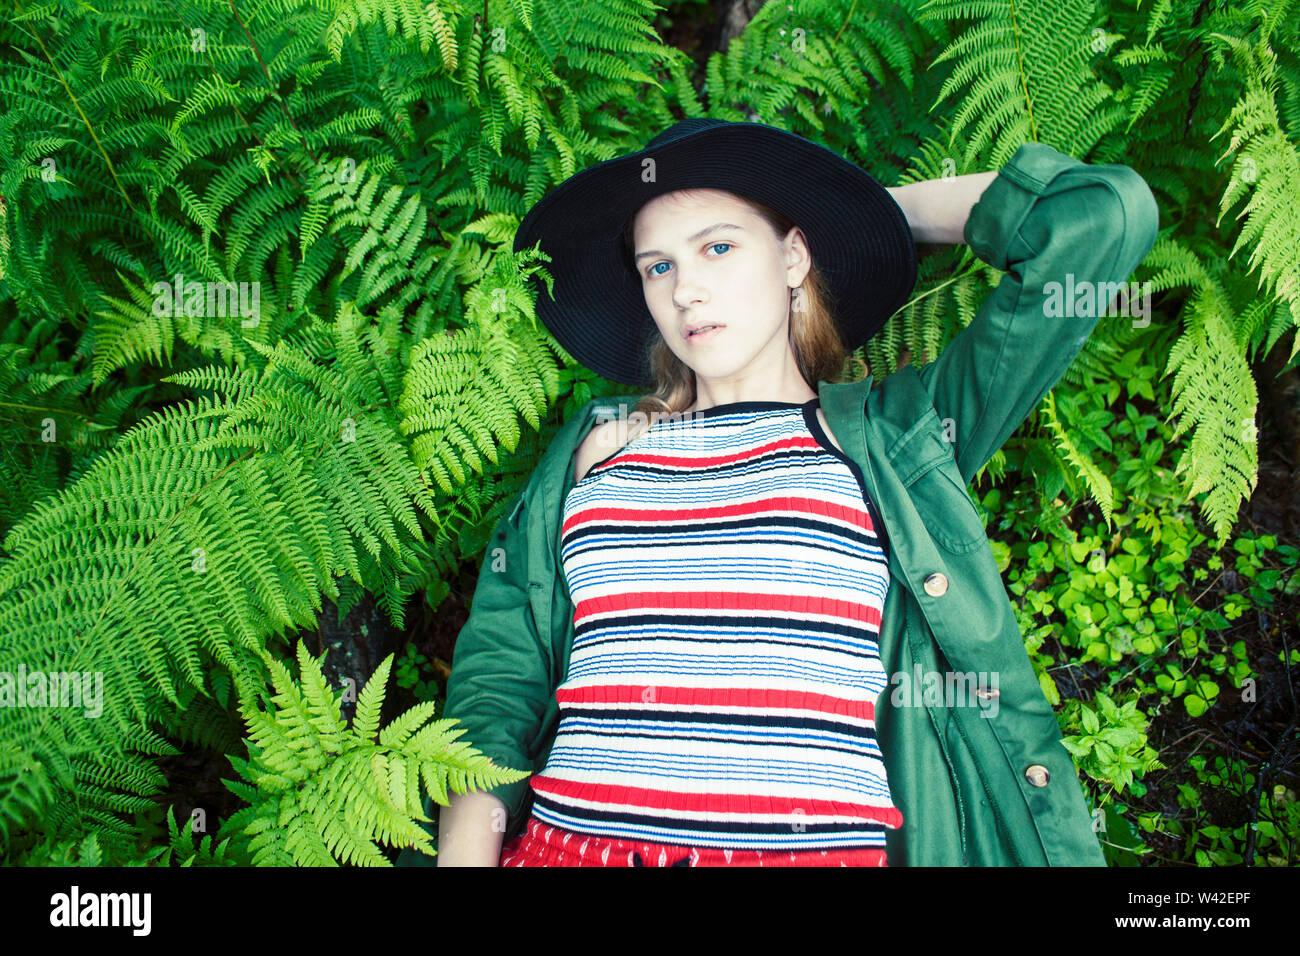 Jolie jeune fille blonde hipster en quête dans la fougère, vacances en forêt verte, style de personnes concept Photo Stock